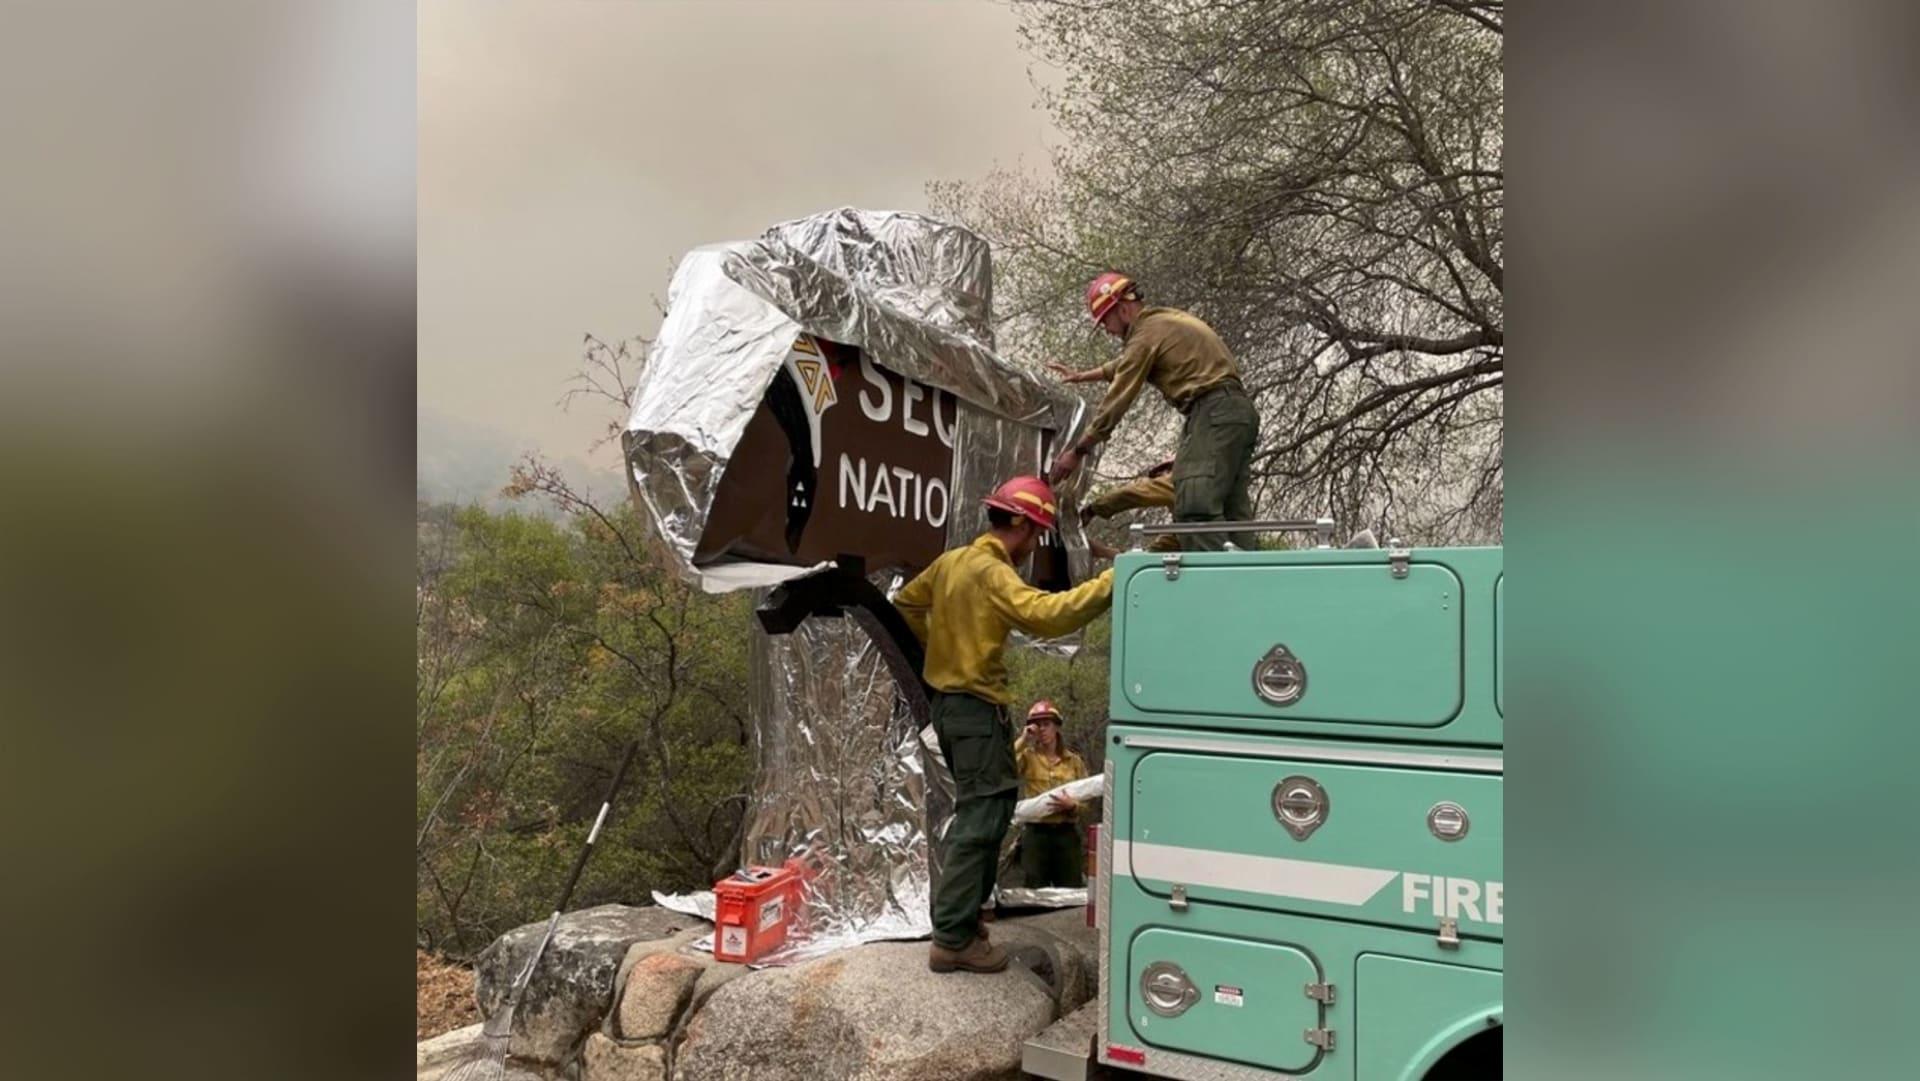 إنقاذ أكبر شجرة في العالم من حرائق الغابات في كاليفورنيا..كيف؟